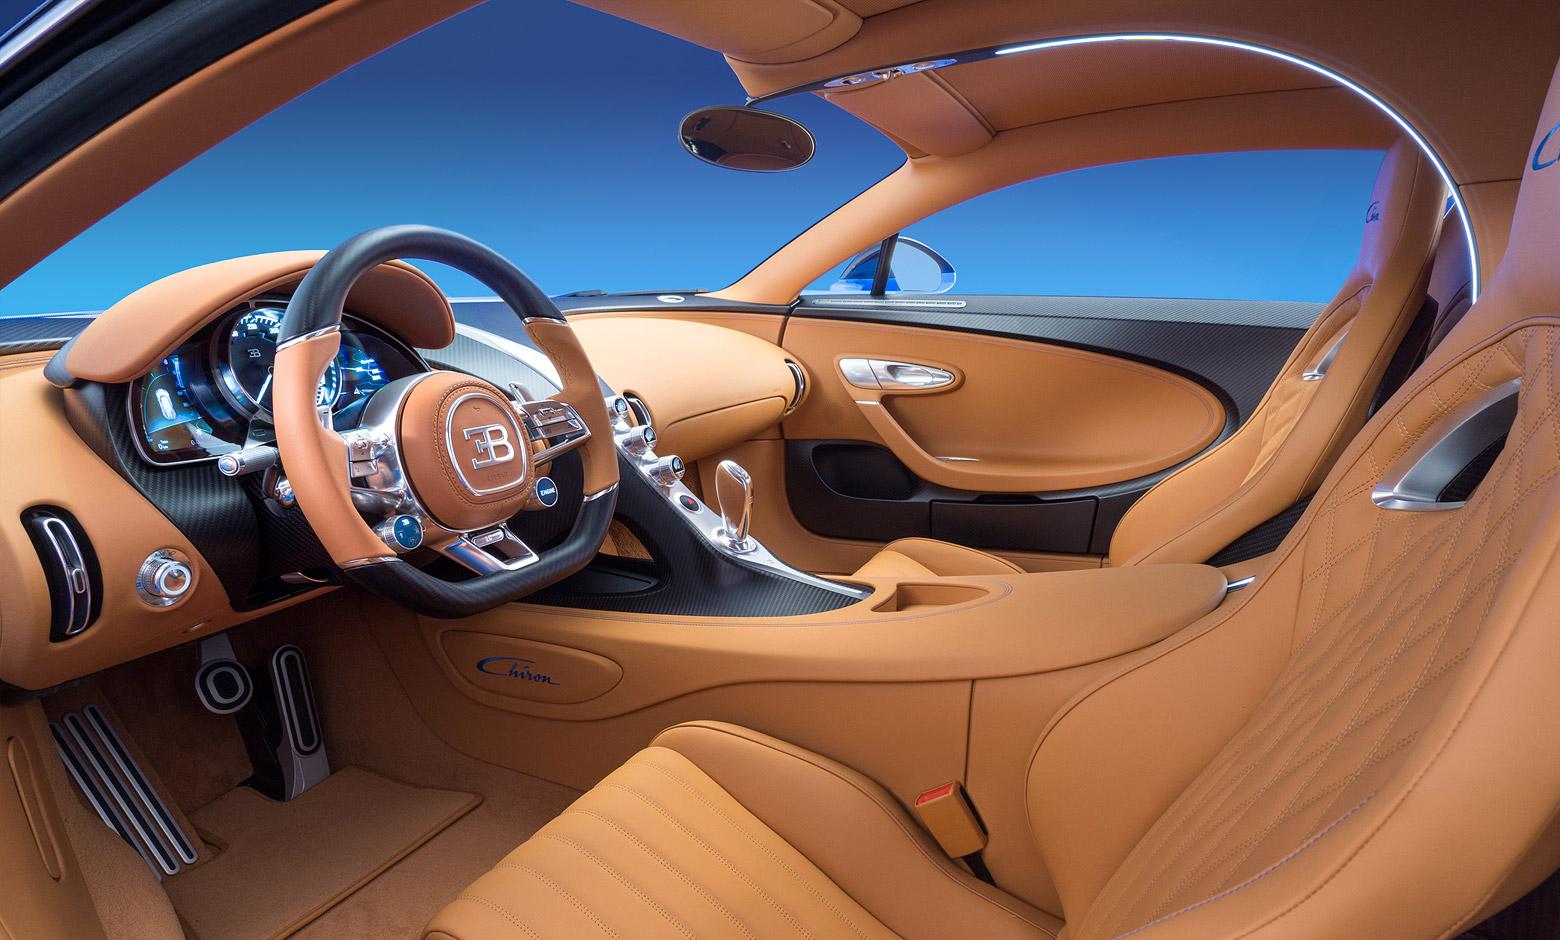 3 Άκου τα 1500 άλογα και θαύμασε την Bugatti Chiron Bugatti, Bugatti Chiron, Car sound, hypercar, supercars, top speed, videos